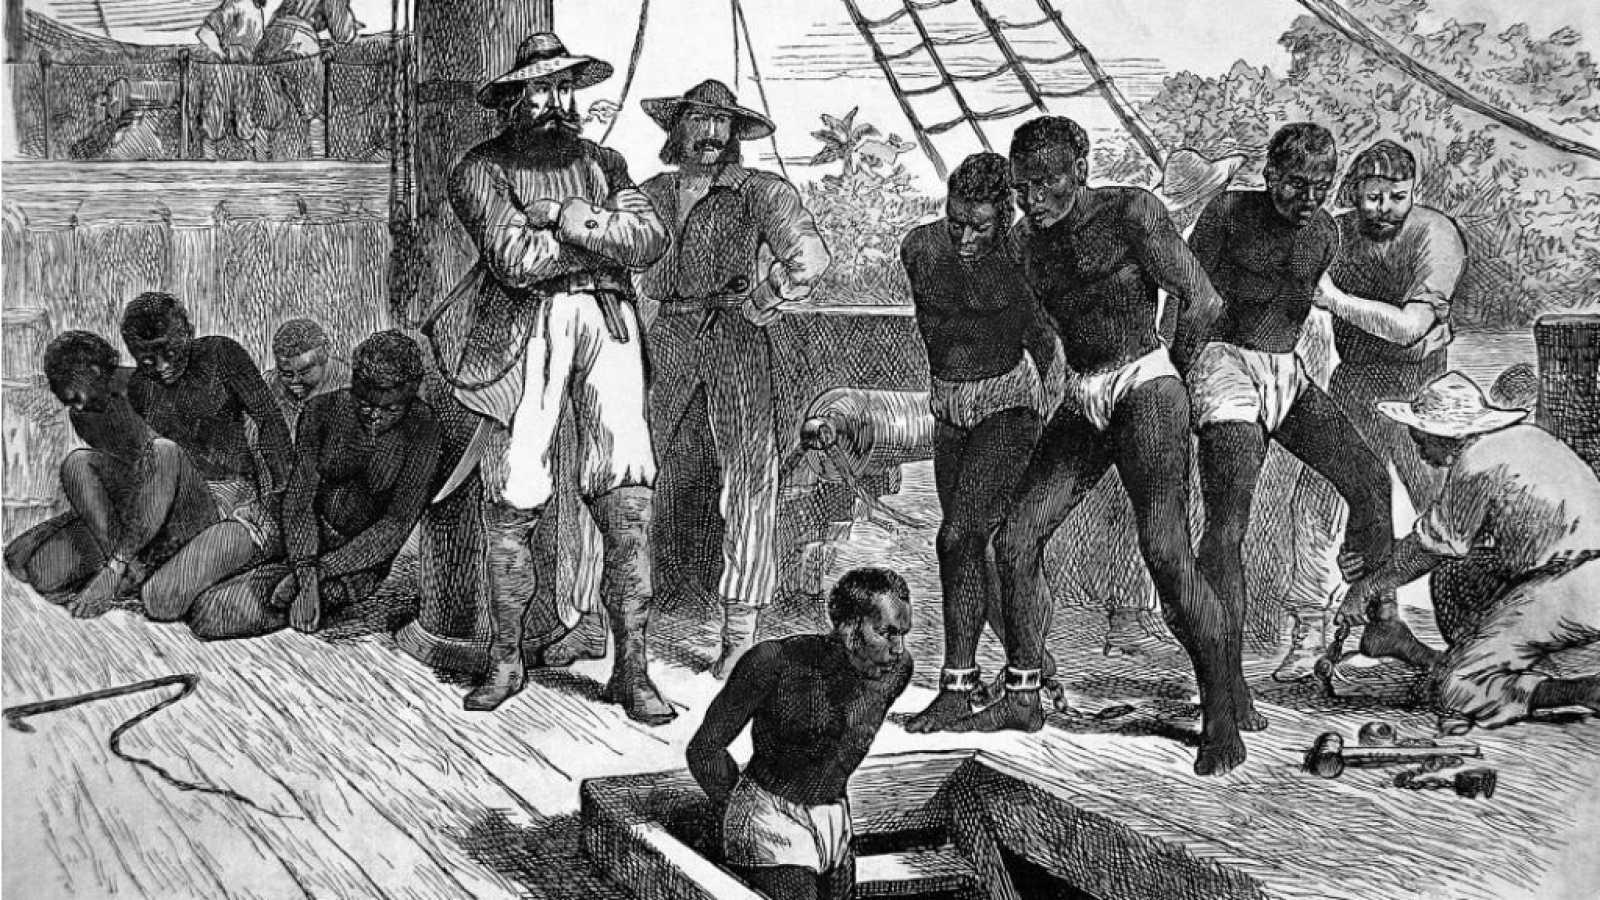 Esclavitud, un episodio silenciado de la historia de España - RTVE.es